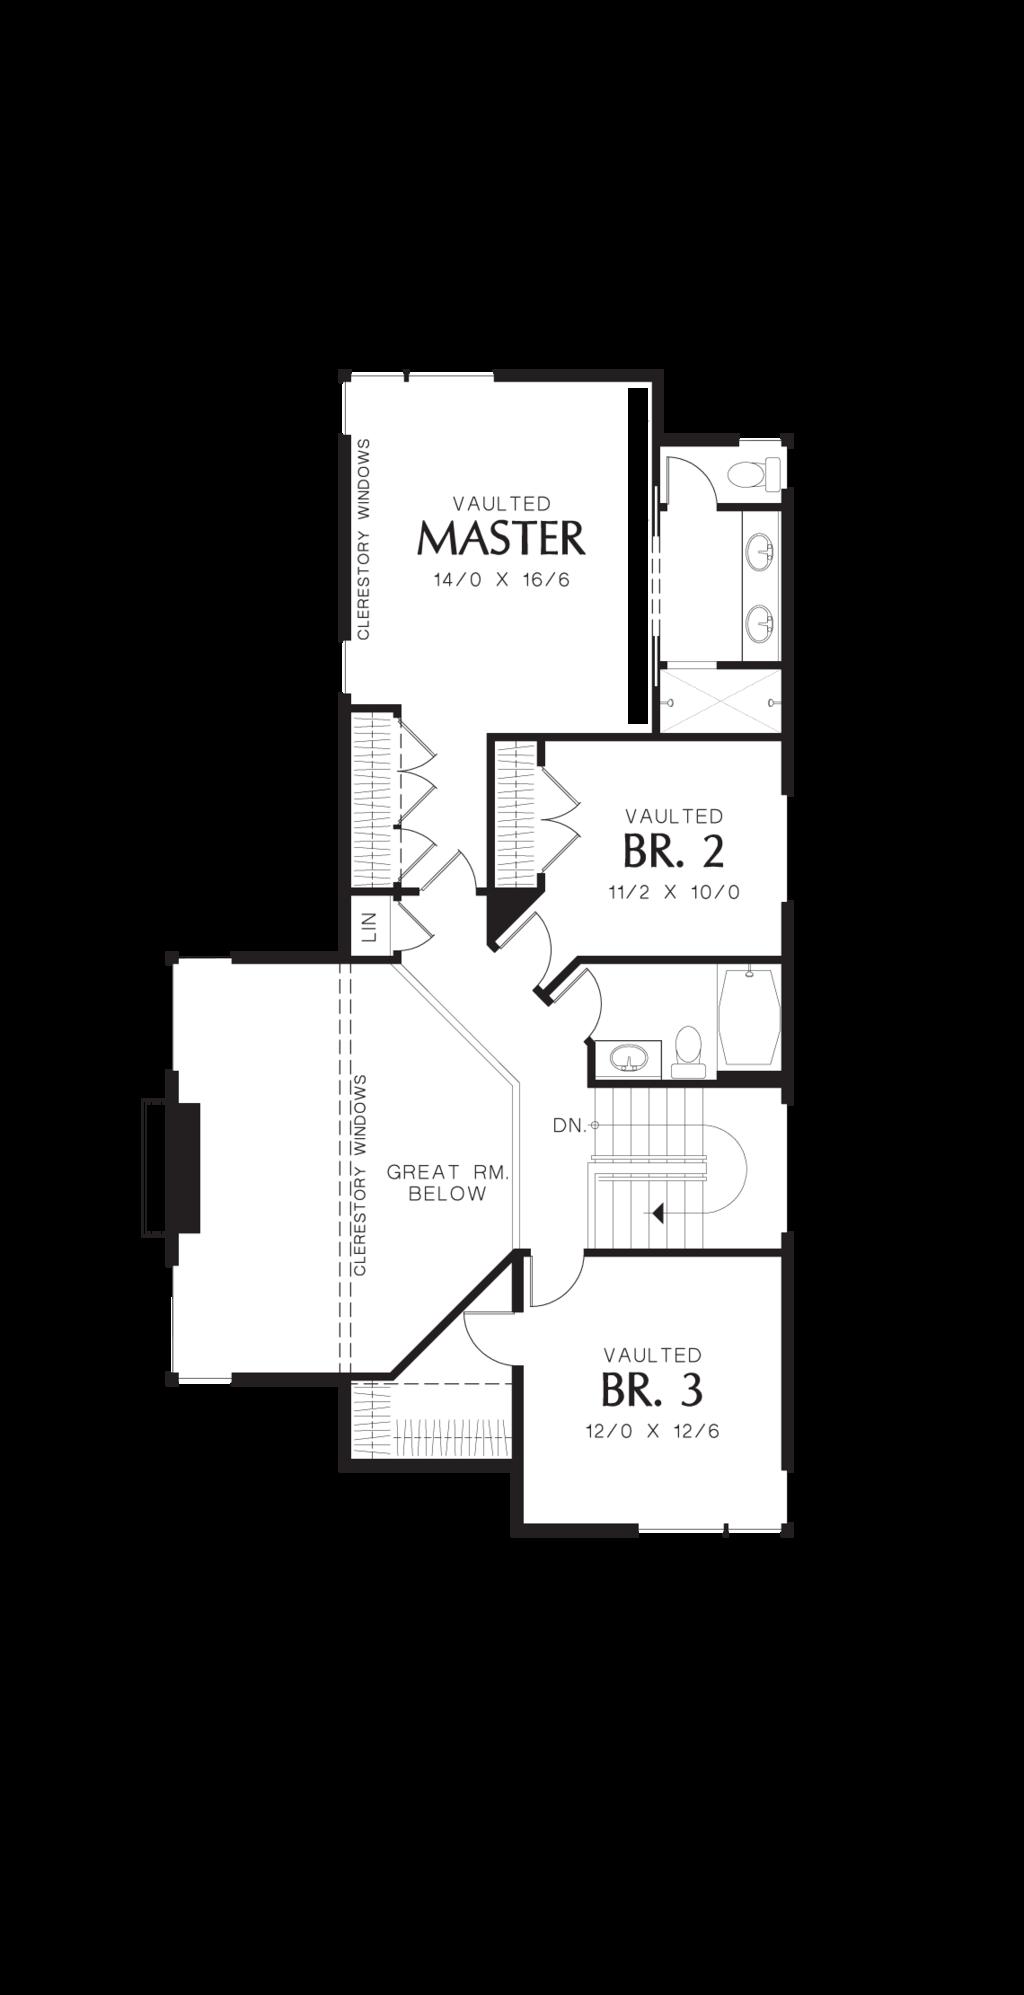 Pruzak Com Medidas De Una Sala De Estar Arquitectura Id Ias  -> Medidas De Una Sala De Tv